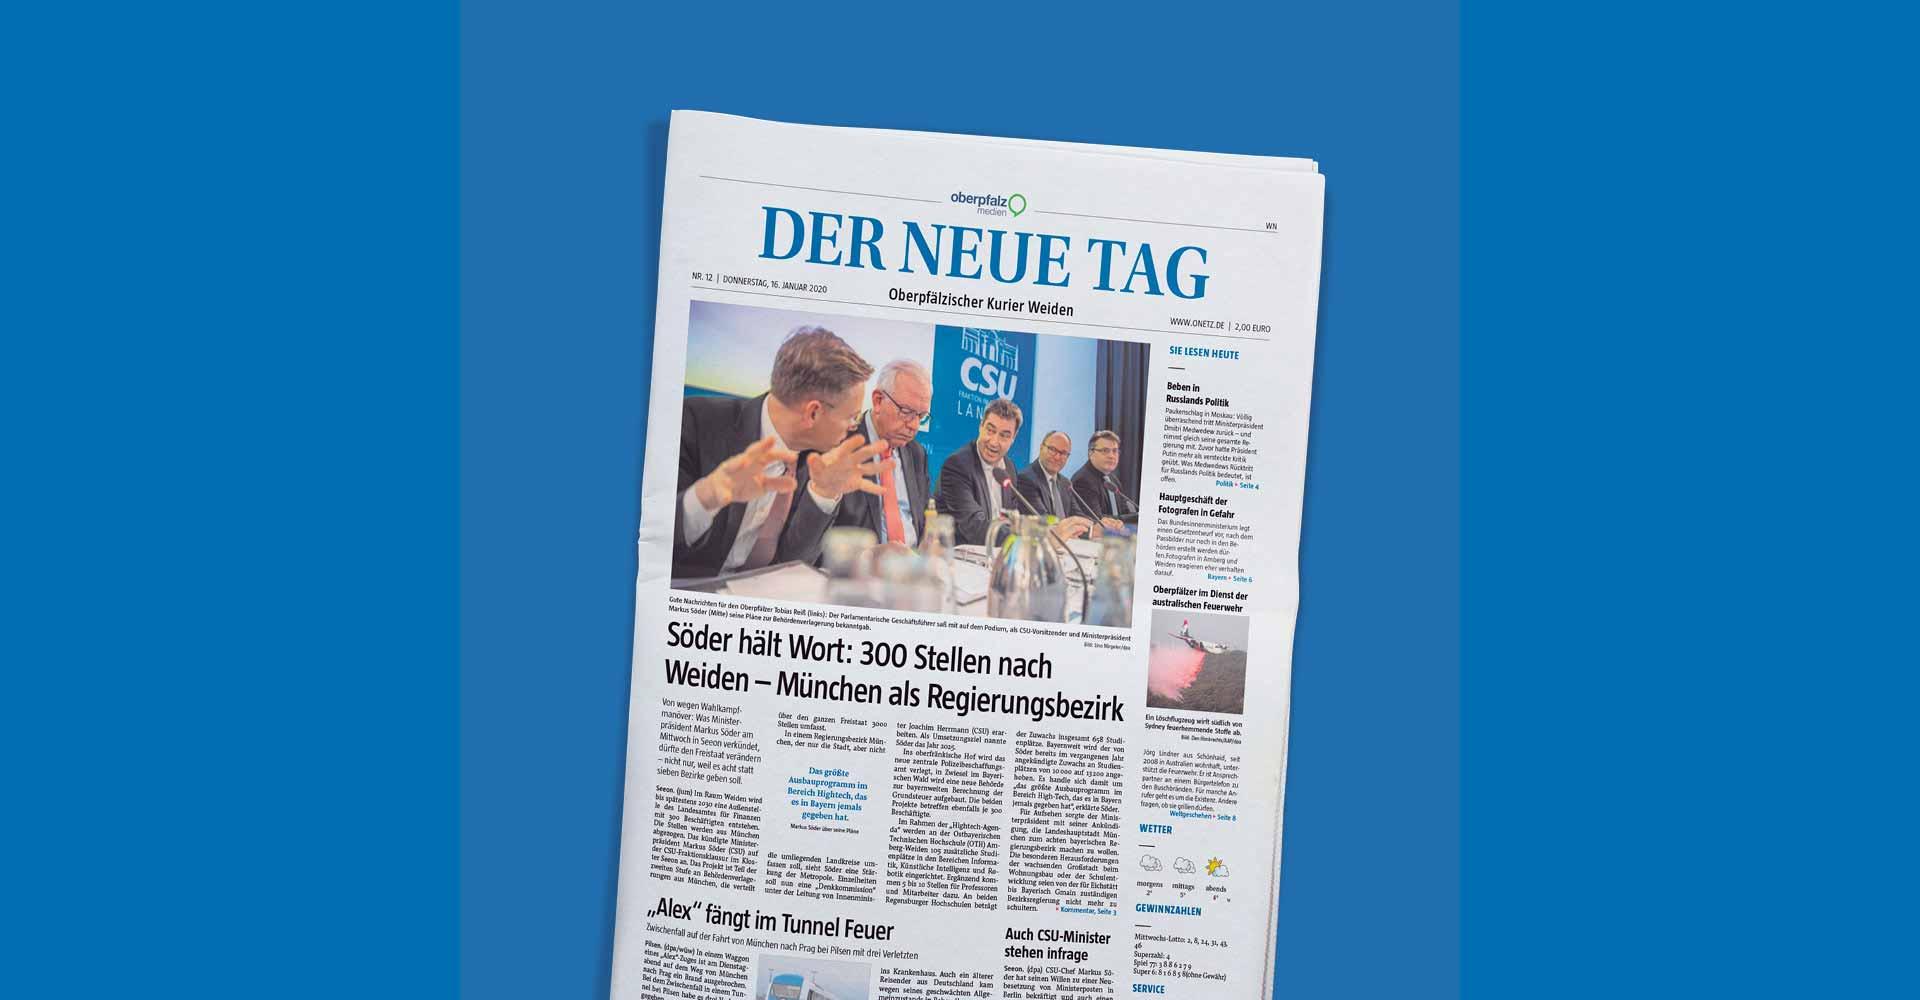 """Ansicht des Titelblatts einer Ausgabe der Tageszeitung """"Der neue Tag""""."""